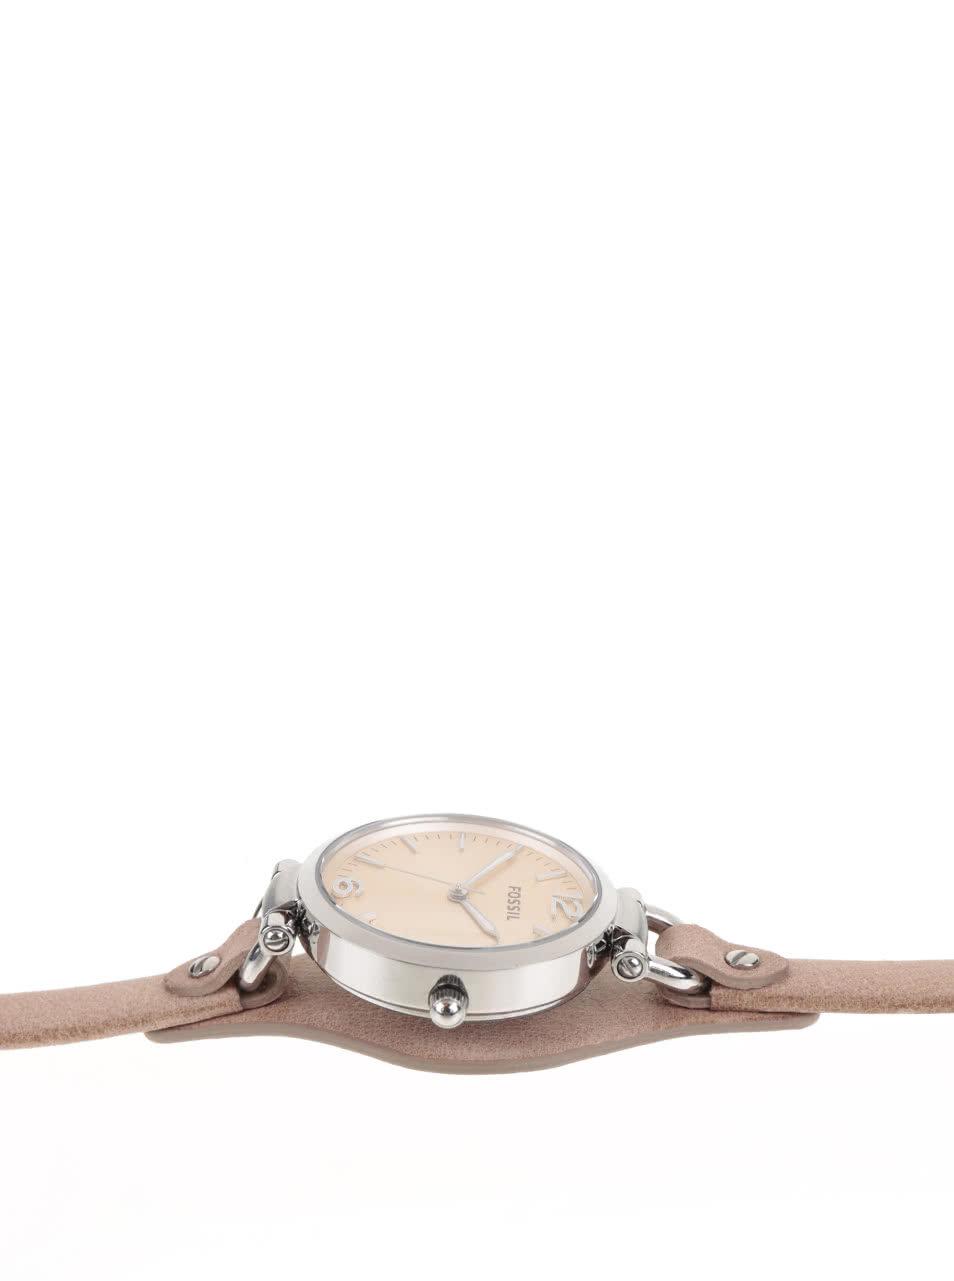 Dámske hodinky s béžovým koženým remienkom Fossil Georgia ... 26d12276f6b